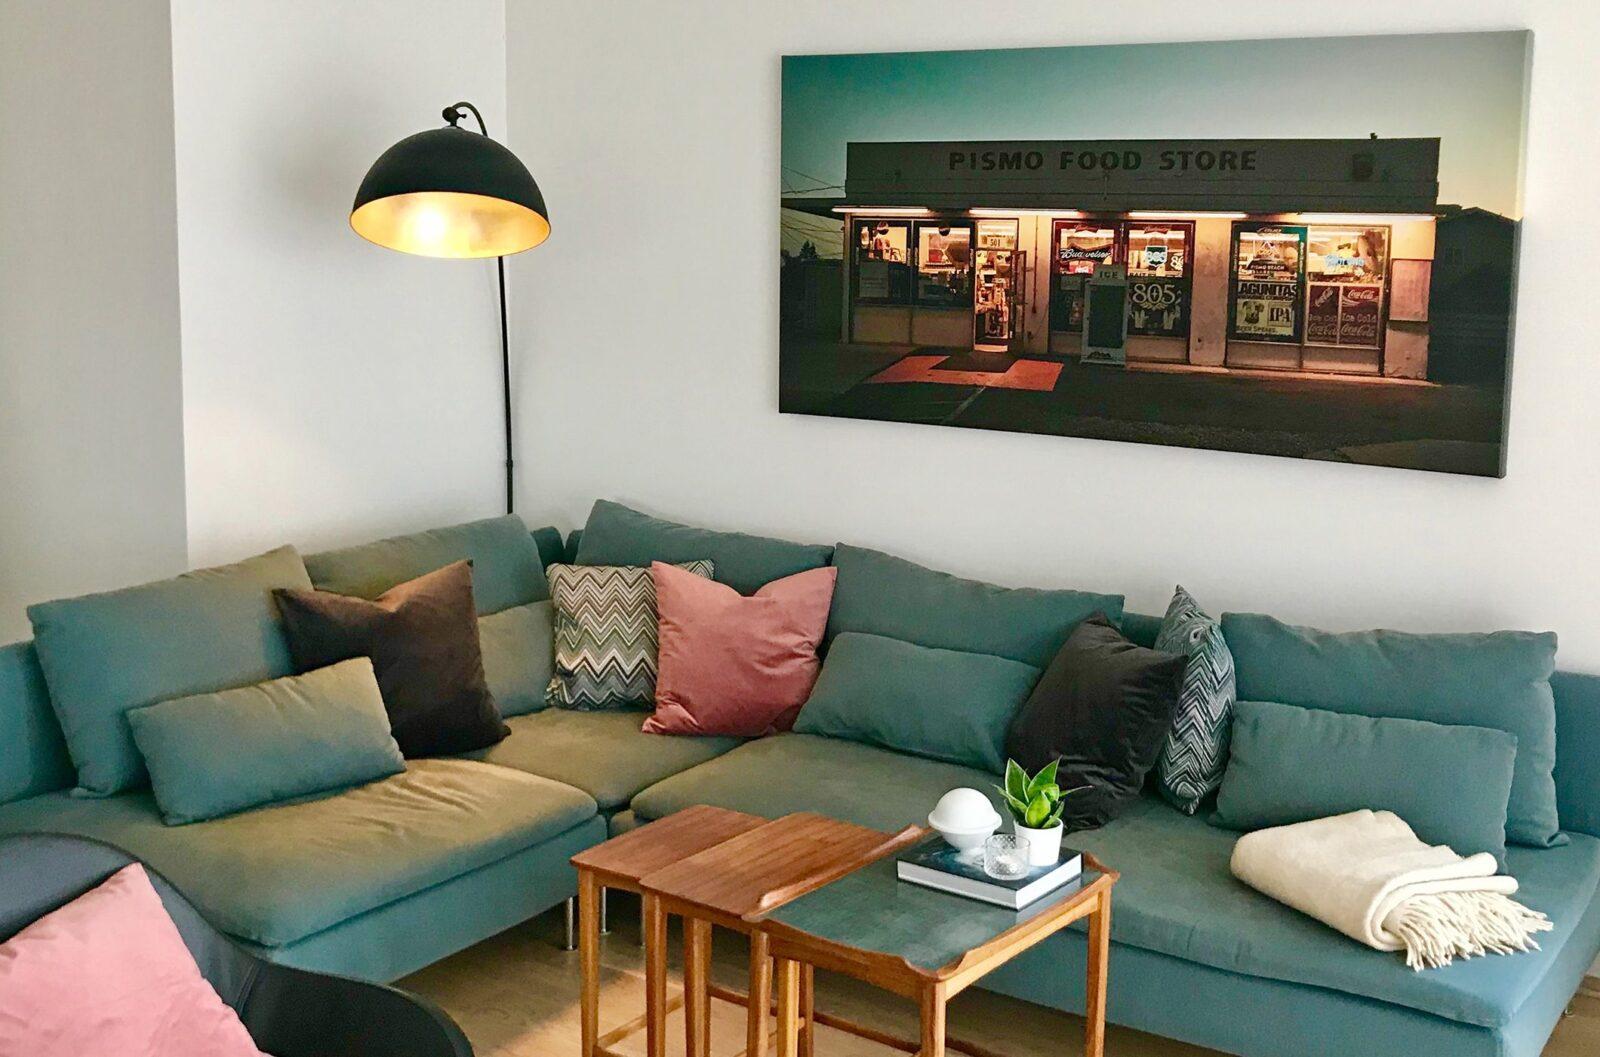 Pismo food store, fotokunst veggbilde / plakat av Peder Aaserud Eikeland